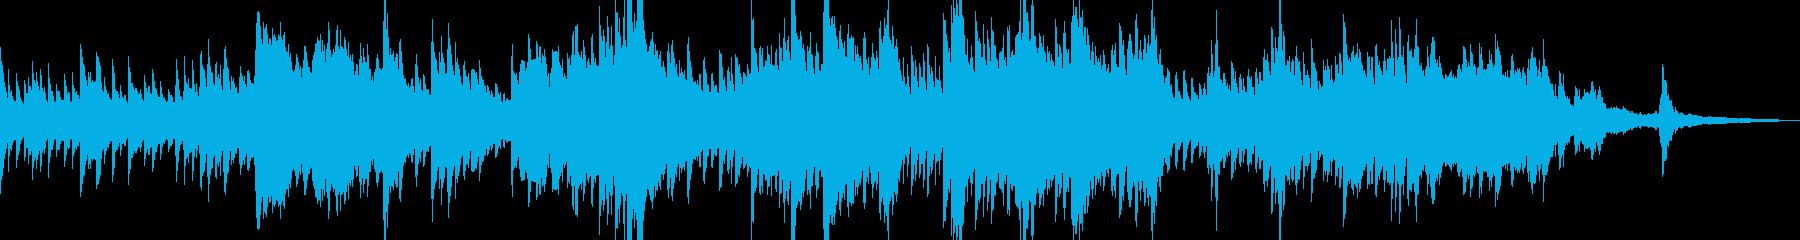 オーケストラの要素を取り入れた観想...の再生済みの波形